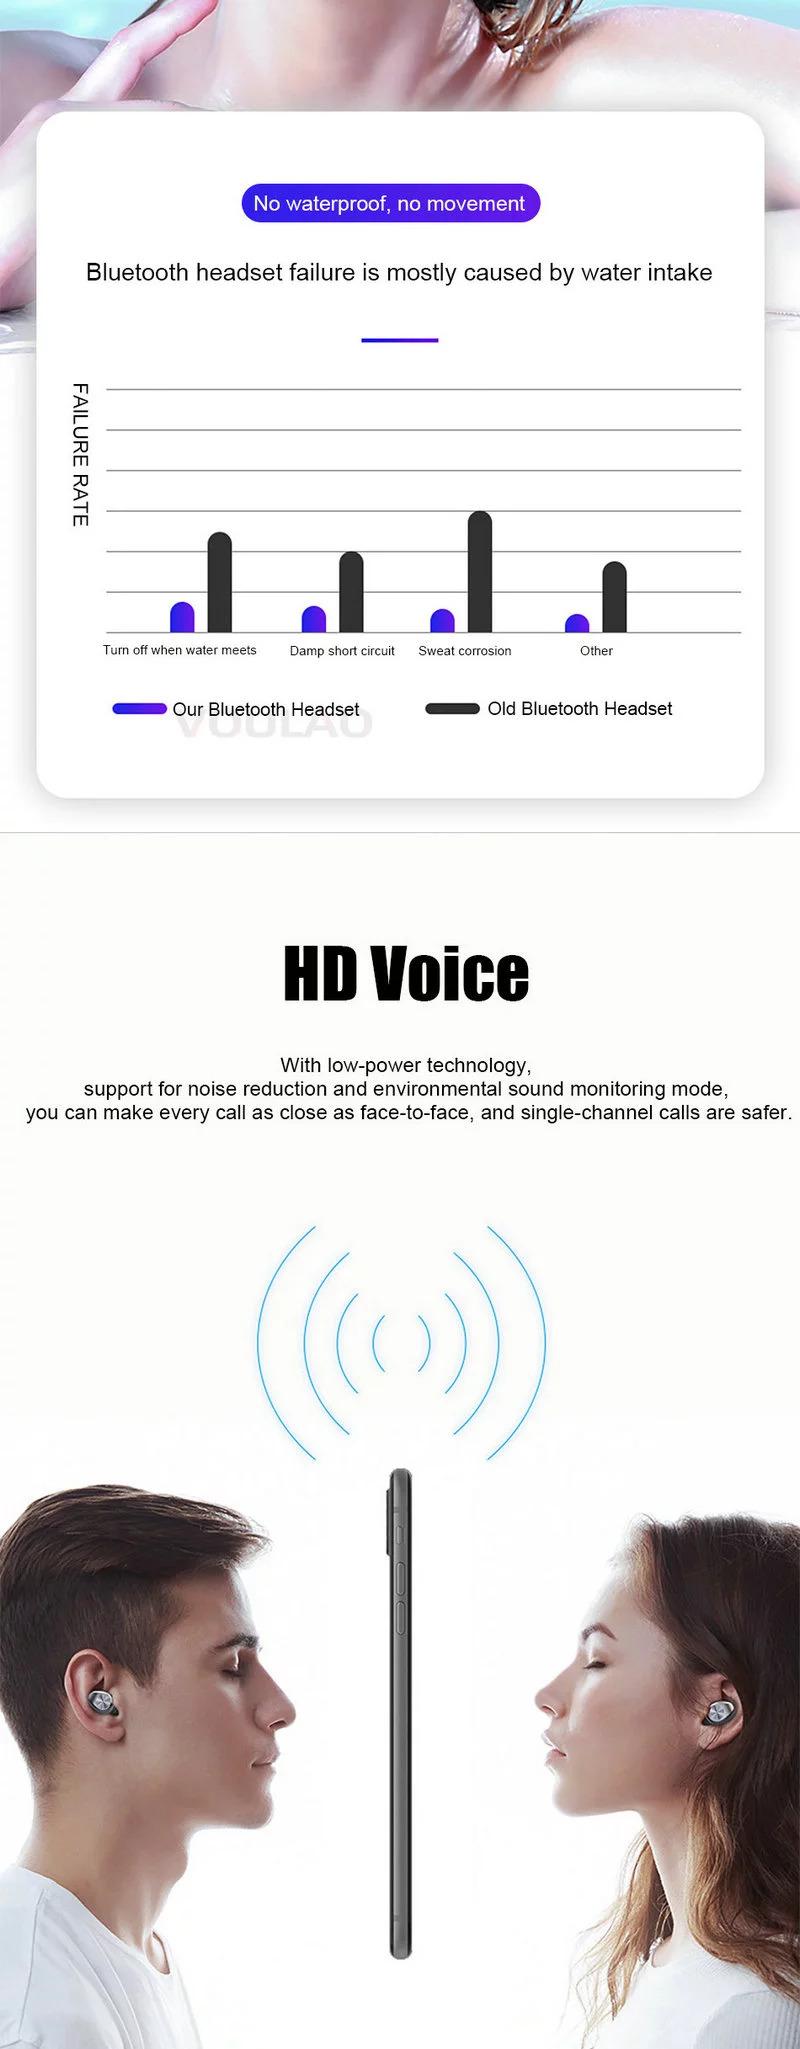 Tai Nghe Bluetooth 5.0 WGW F9 LED - Chống Nước - Chống ồn - Tích Hợp Micro - Tự Động Kết Nối - Nhỏ gọn - Âm Thanh 8.0 HD - Tương Thích Cao Cho Tất Cả Điện Thoại - CHÍNH HÃNG